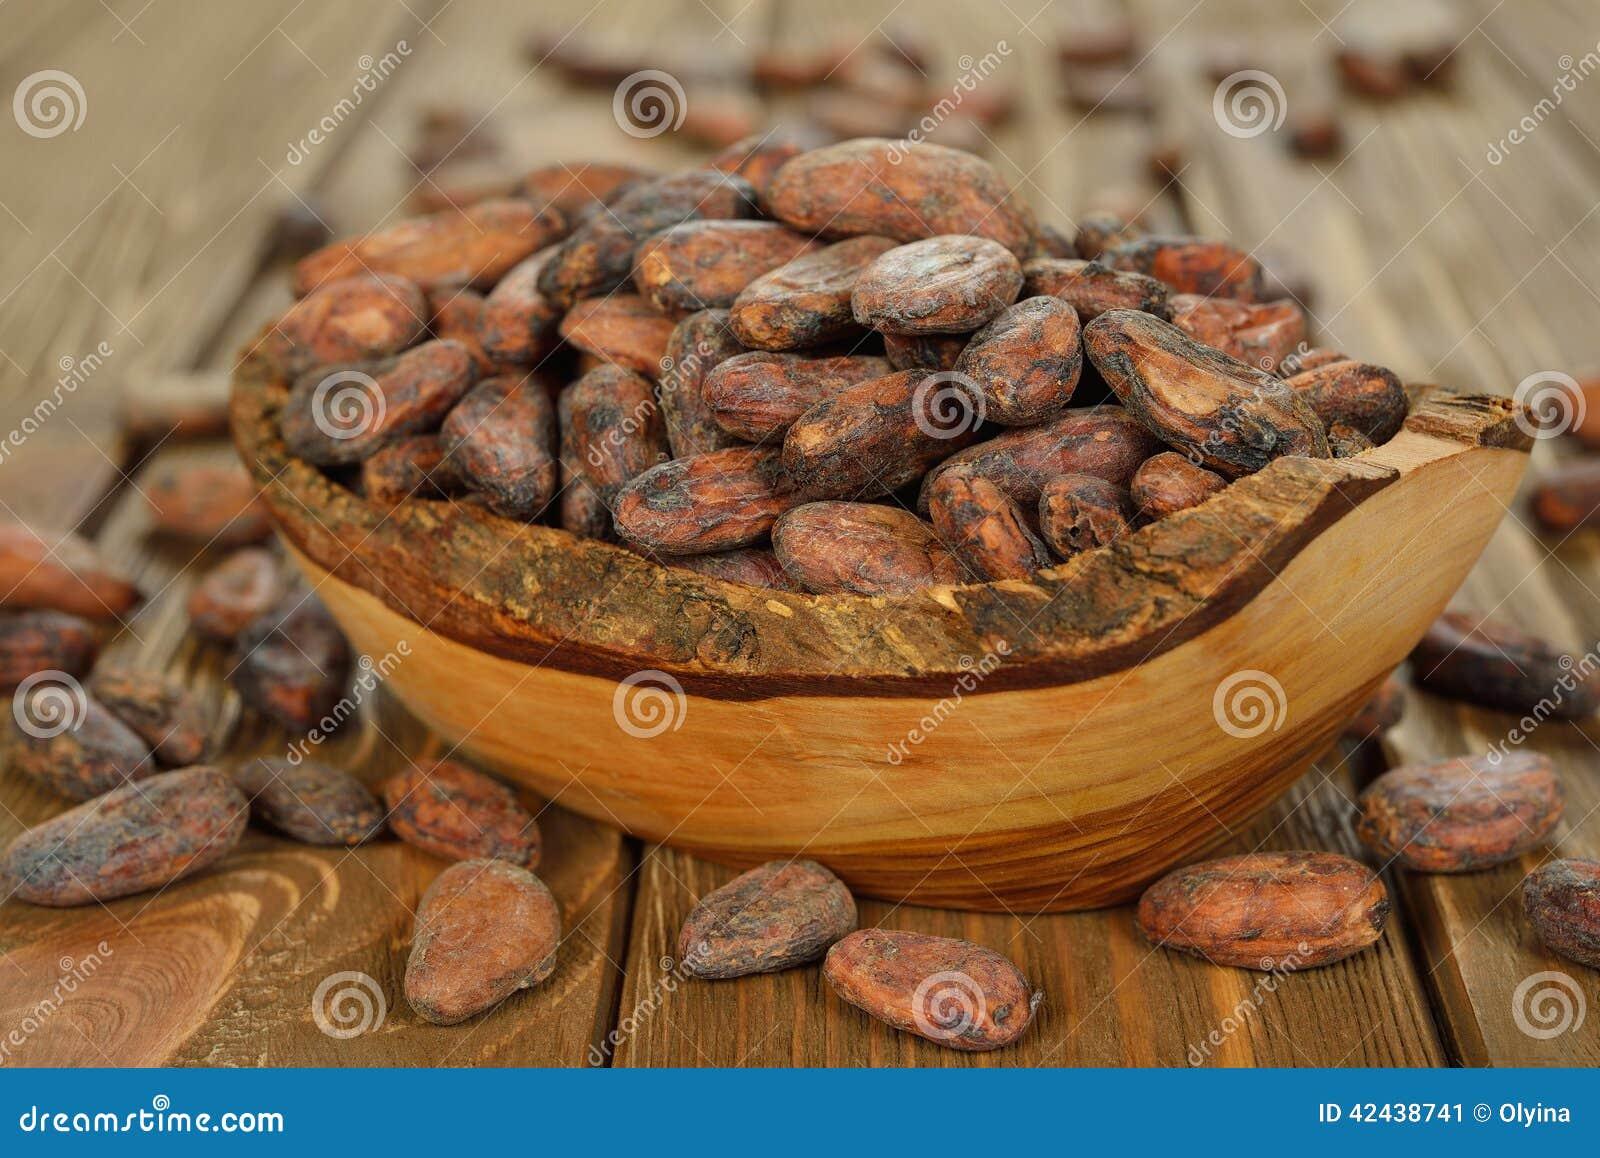 Granos de cacao en un cuenco de madera